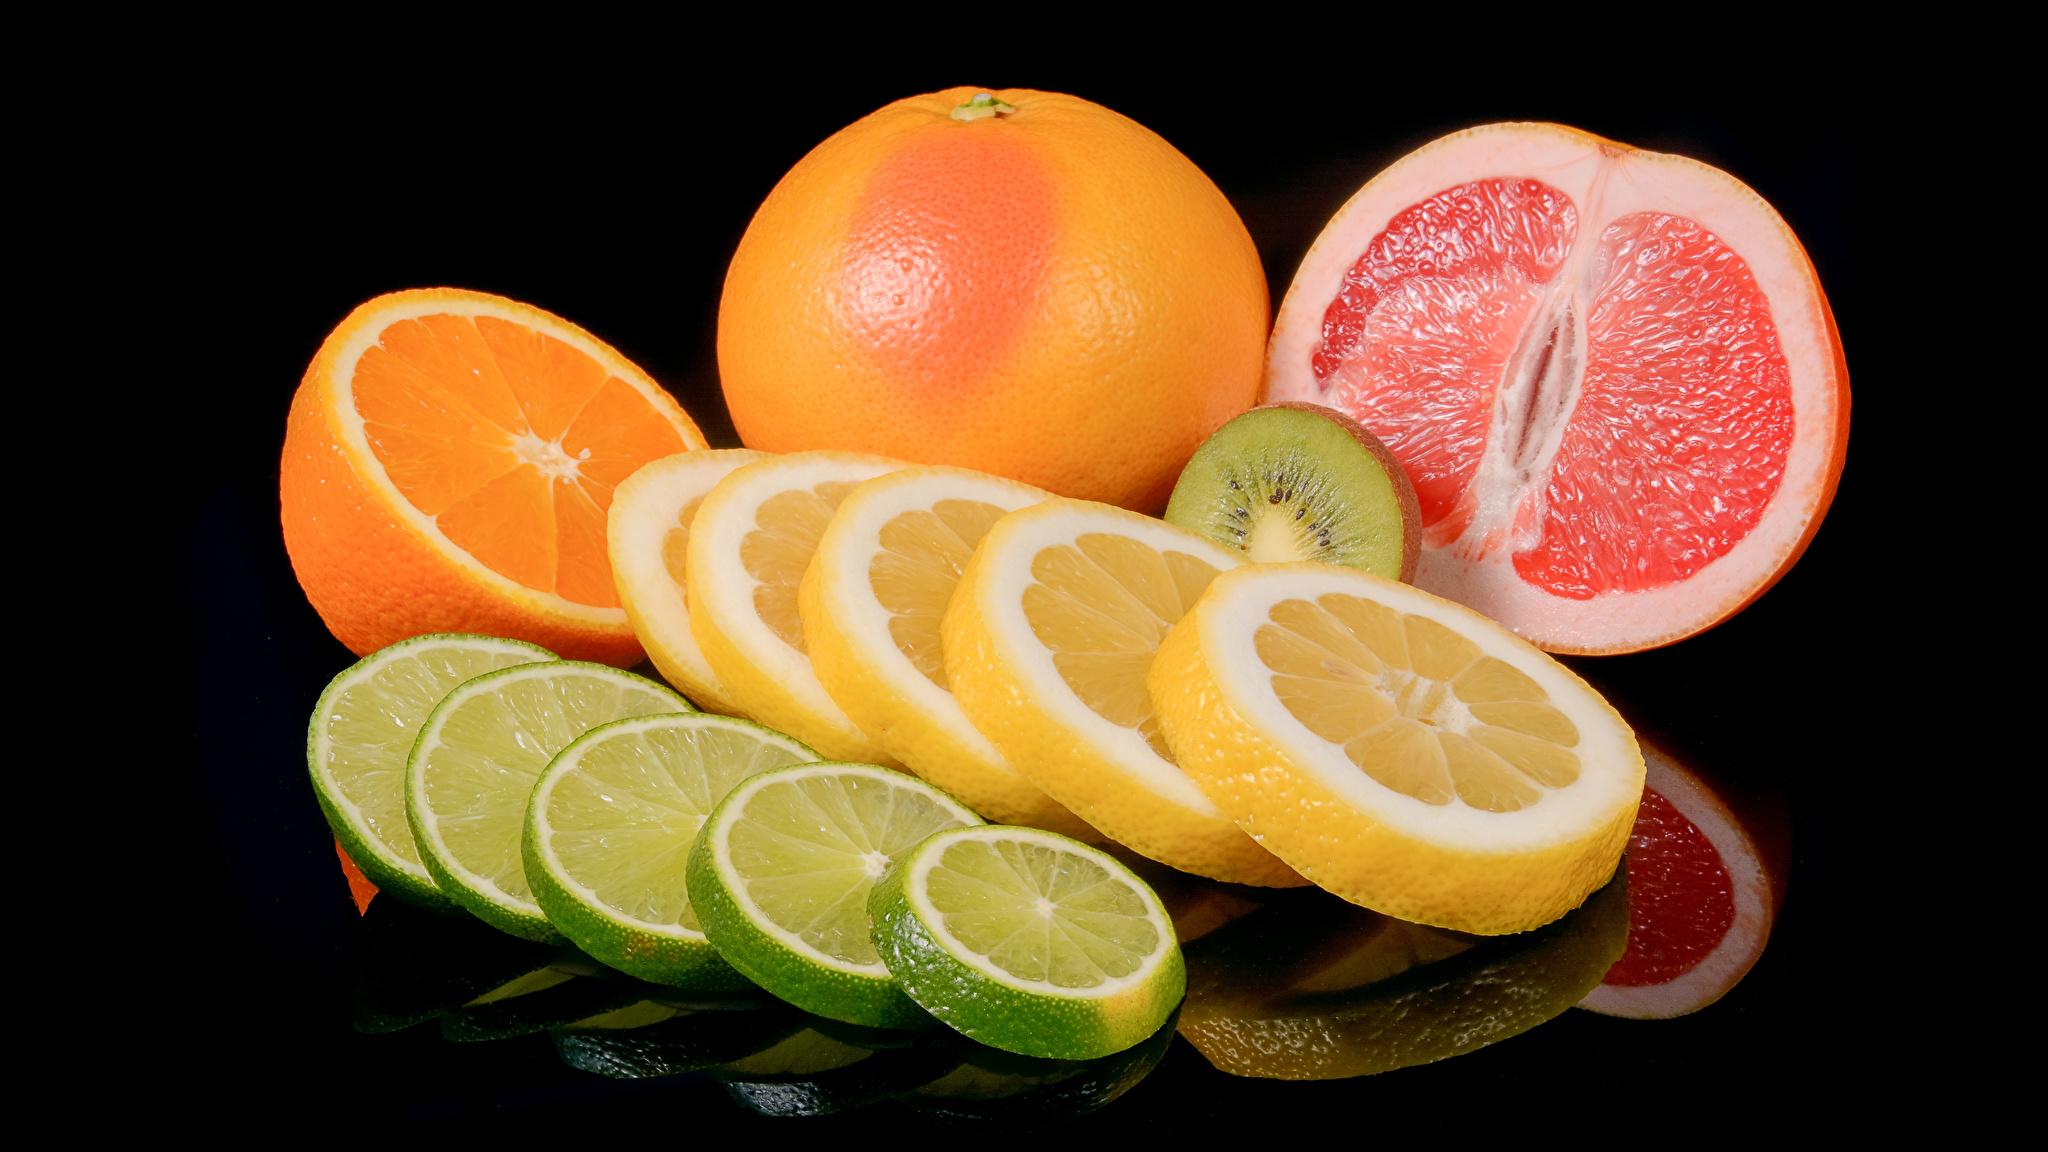 Похудеть Грейпфрут Лимон. Вода с лимоном для похудения